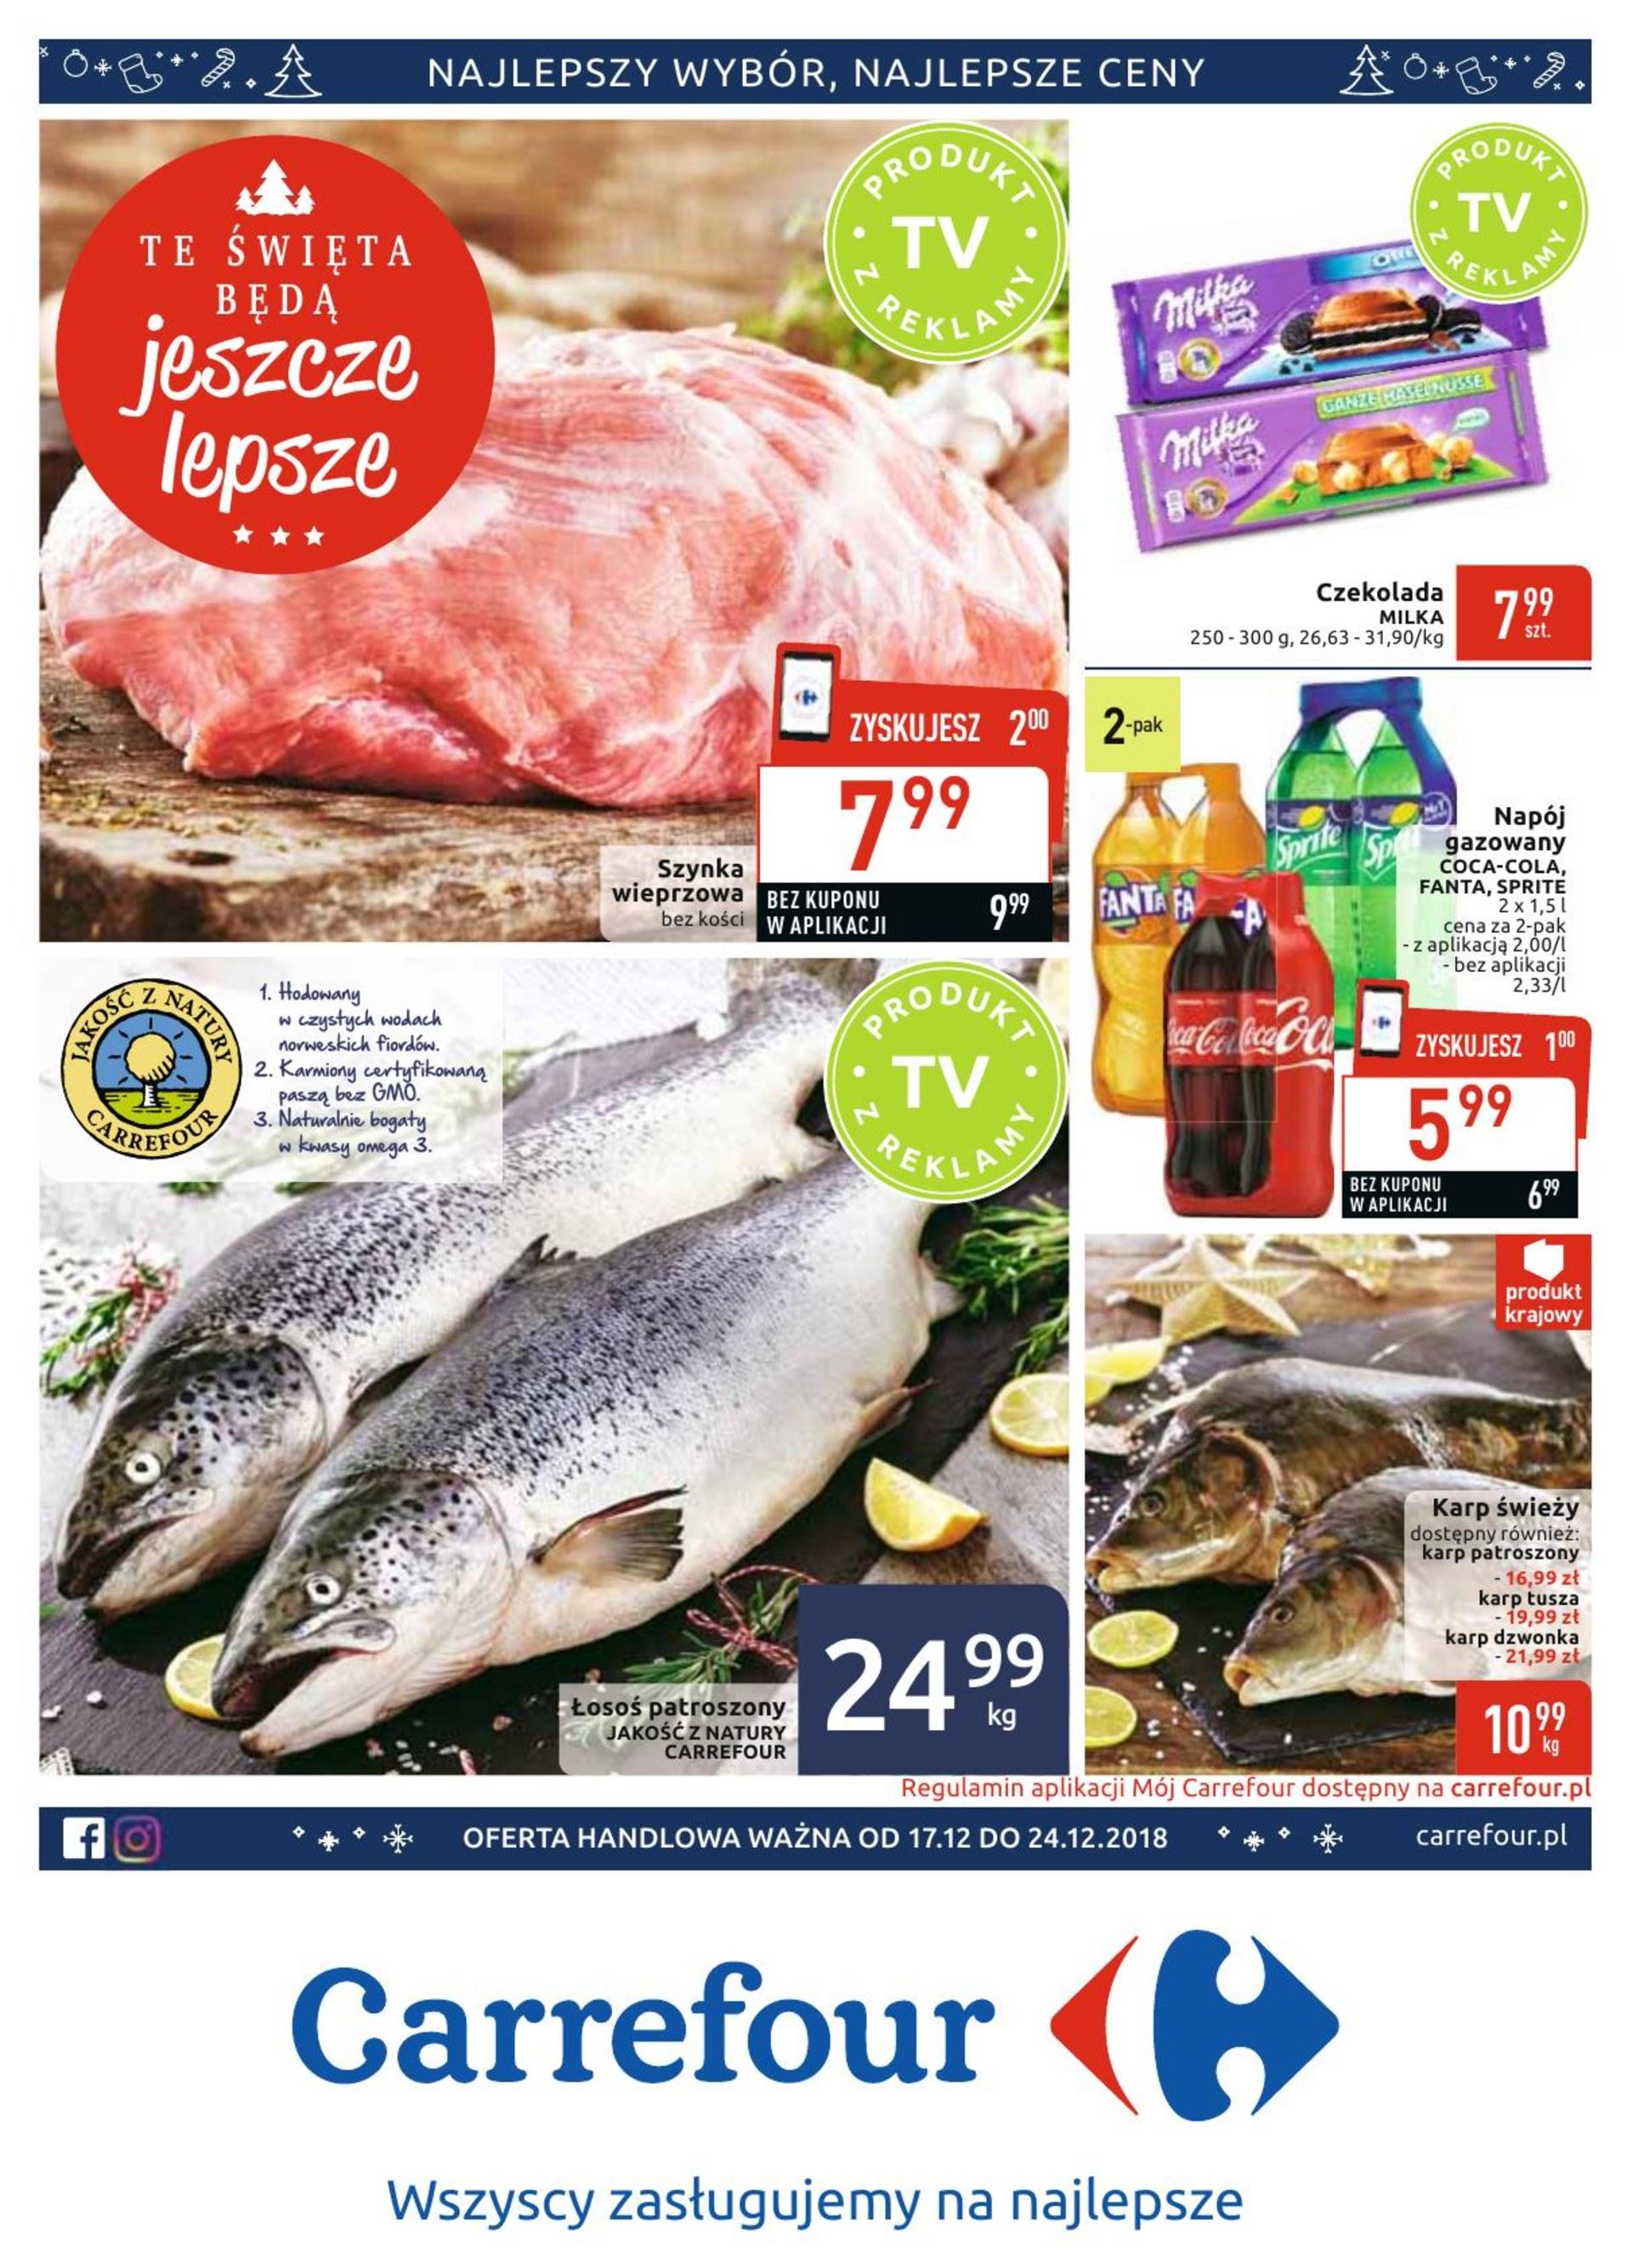 Gazetka Carrefour - gazetka-promocyjna-carrefour-17-12-2018,37471, strona 1, ważna od 2018-12-17 do 2018-12-24